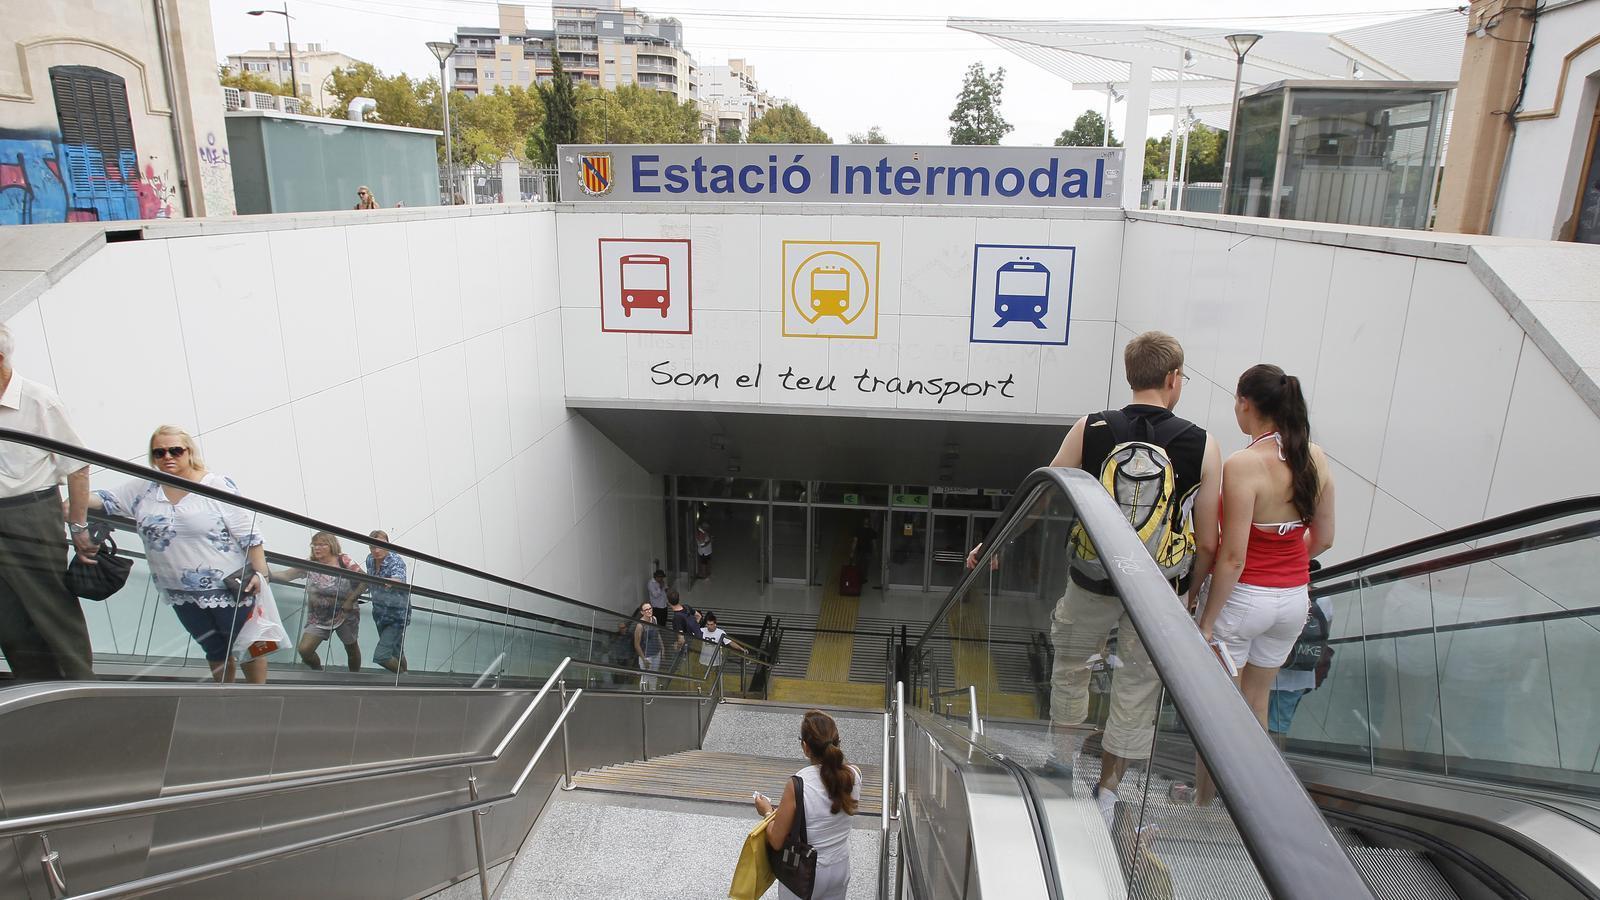 Els voltants de l'Estació Intermodal de Palma són un dels llocs on se sap que actuen els prostituïdors de menors.